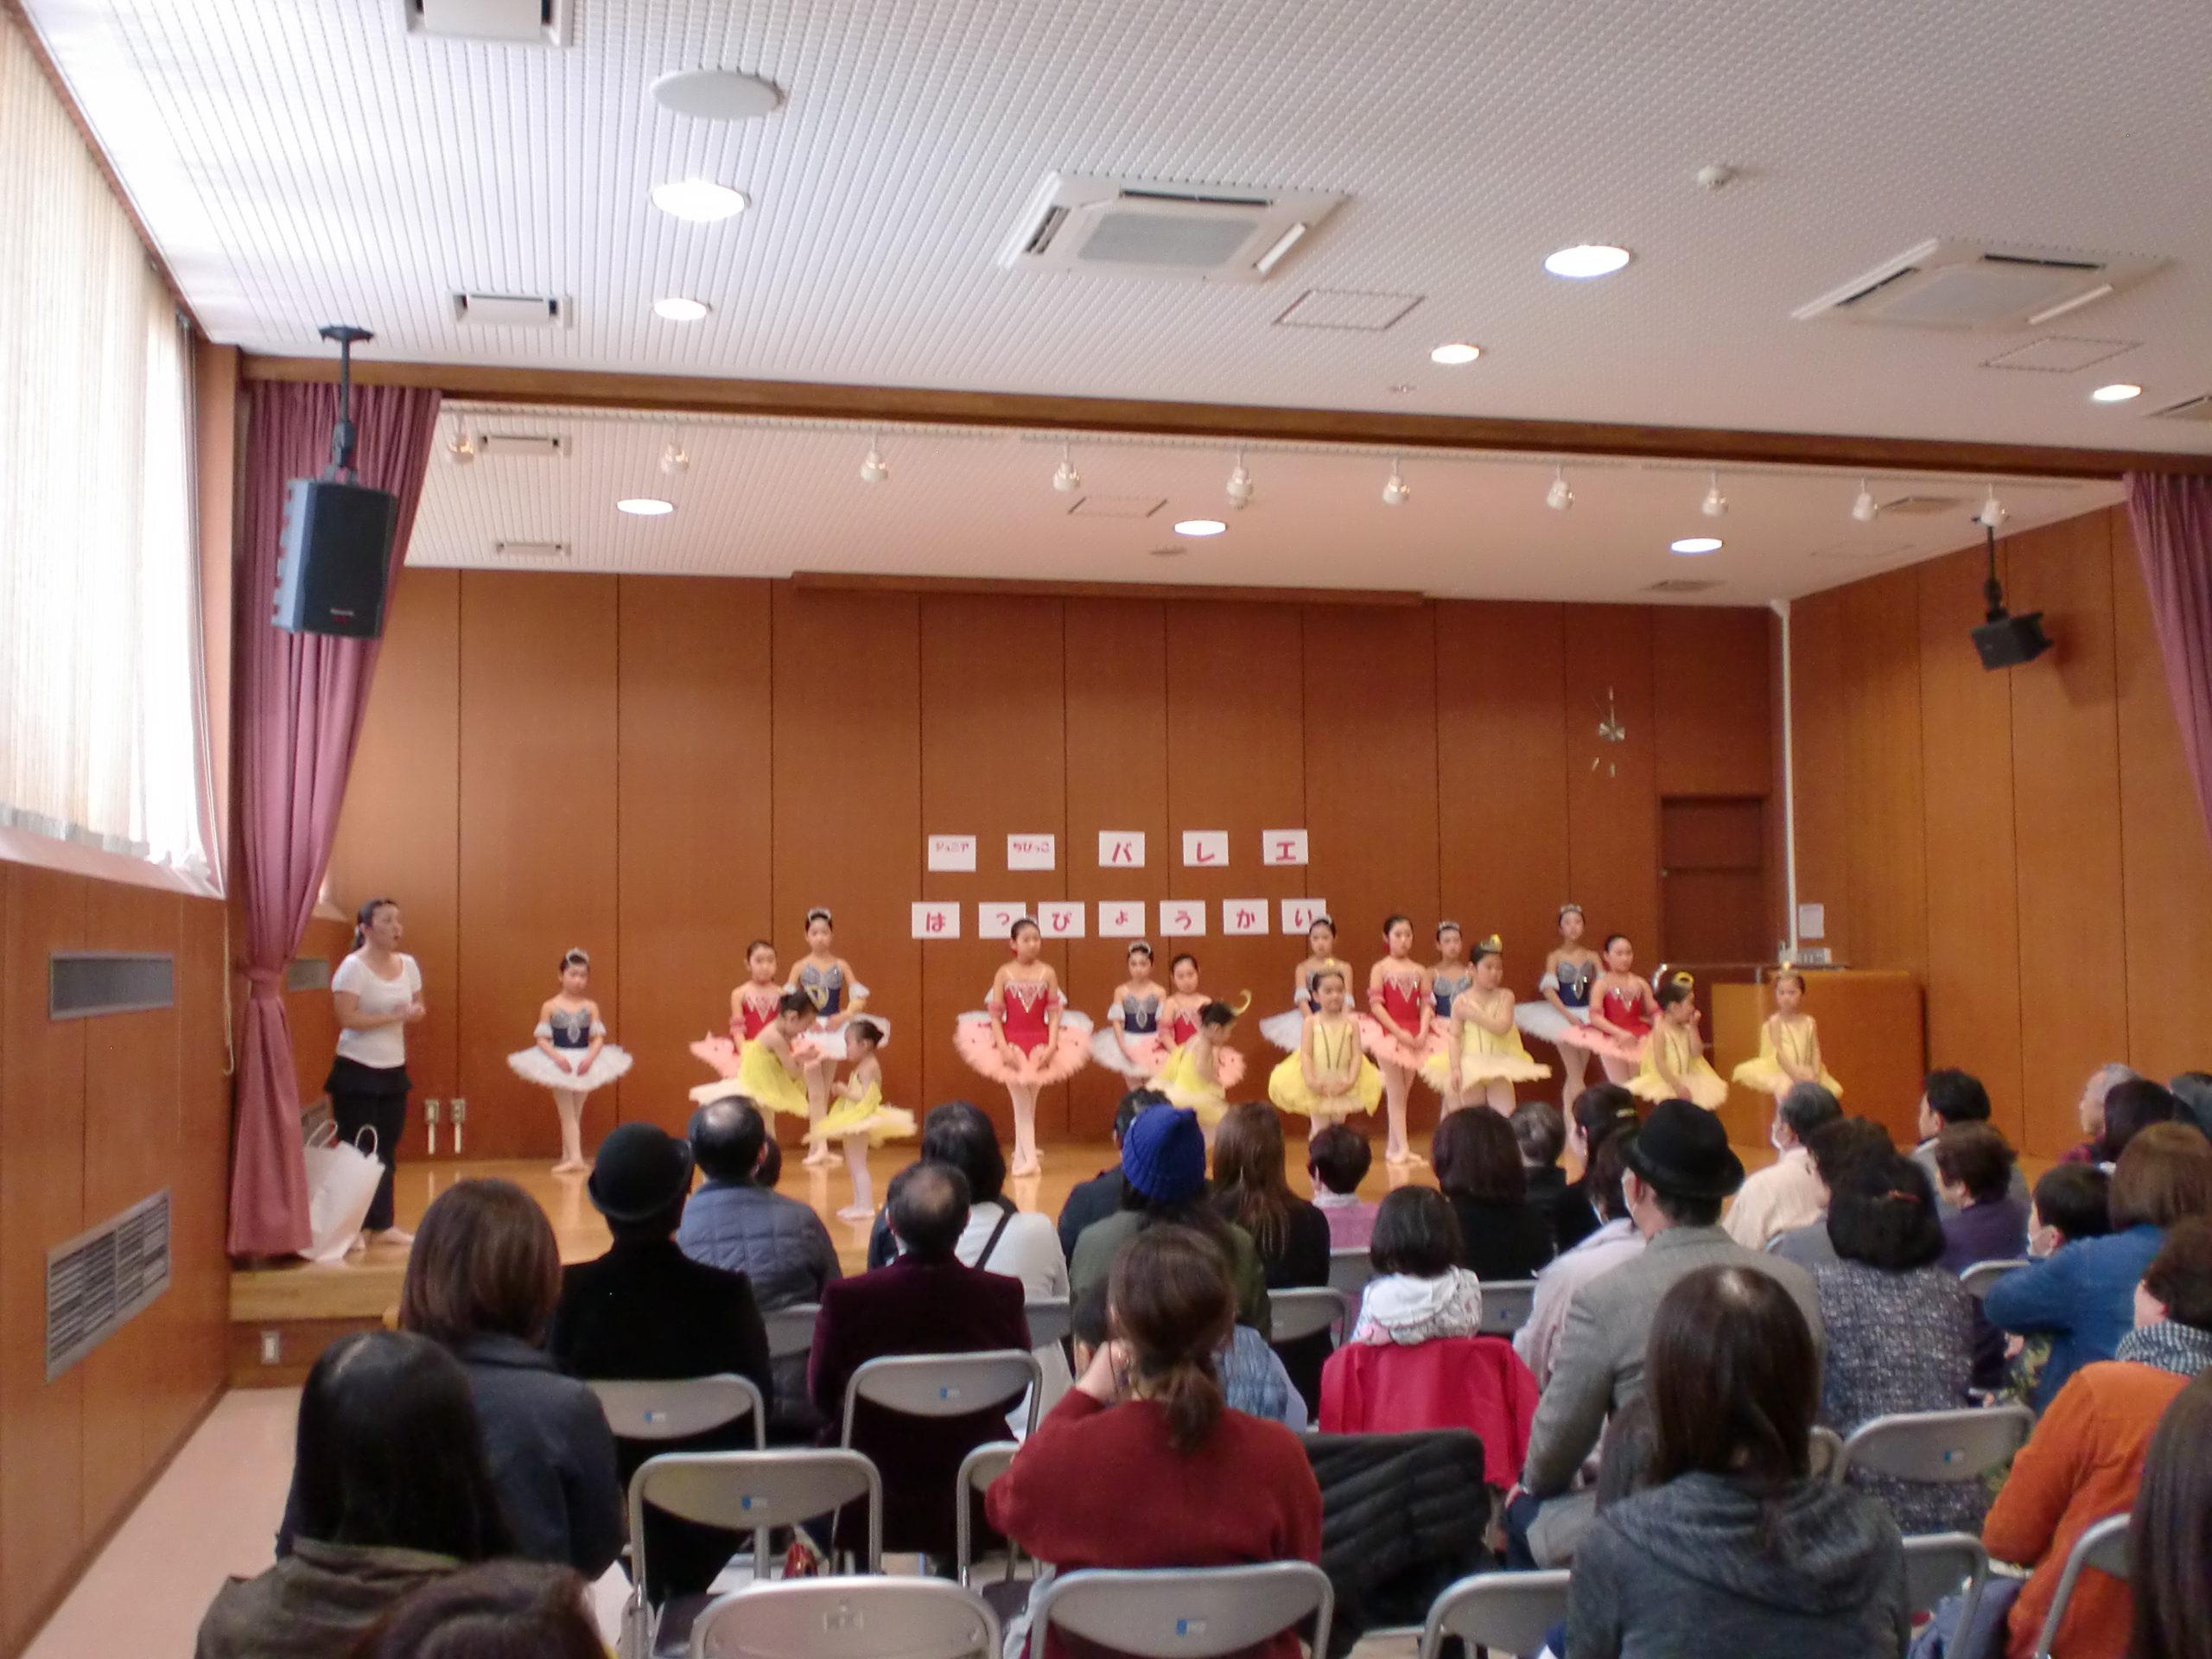 ちびっこバレエ教室 @ 三和スポーツセンター